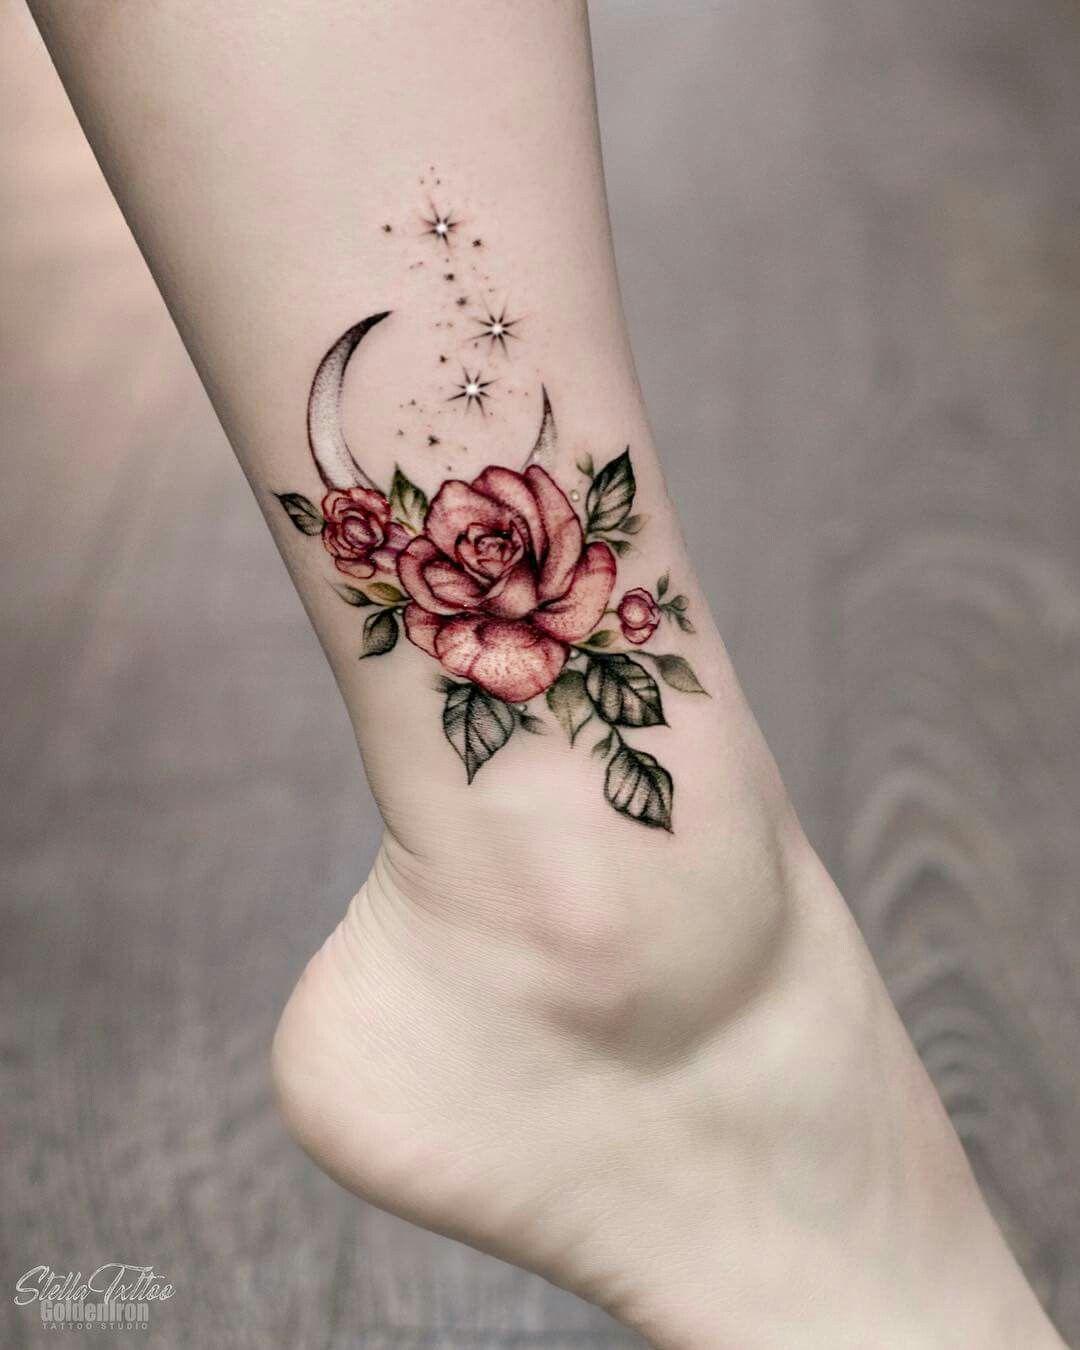 Pingl par jessica higgins sur tattoos pinterest for Higgins ink tattoo